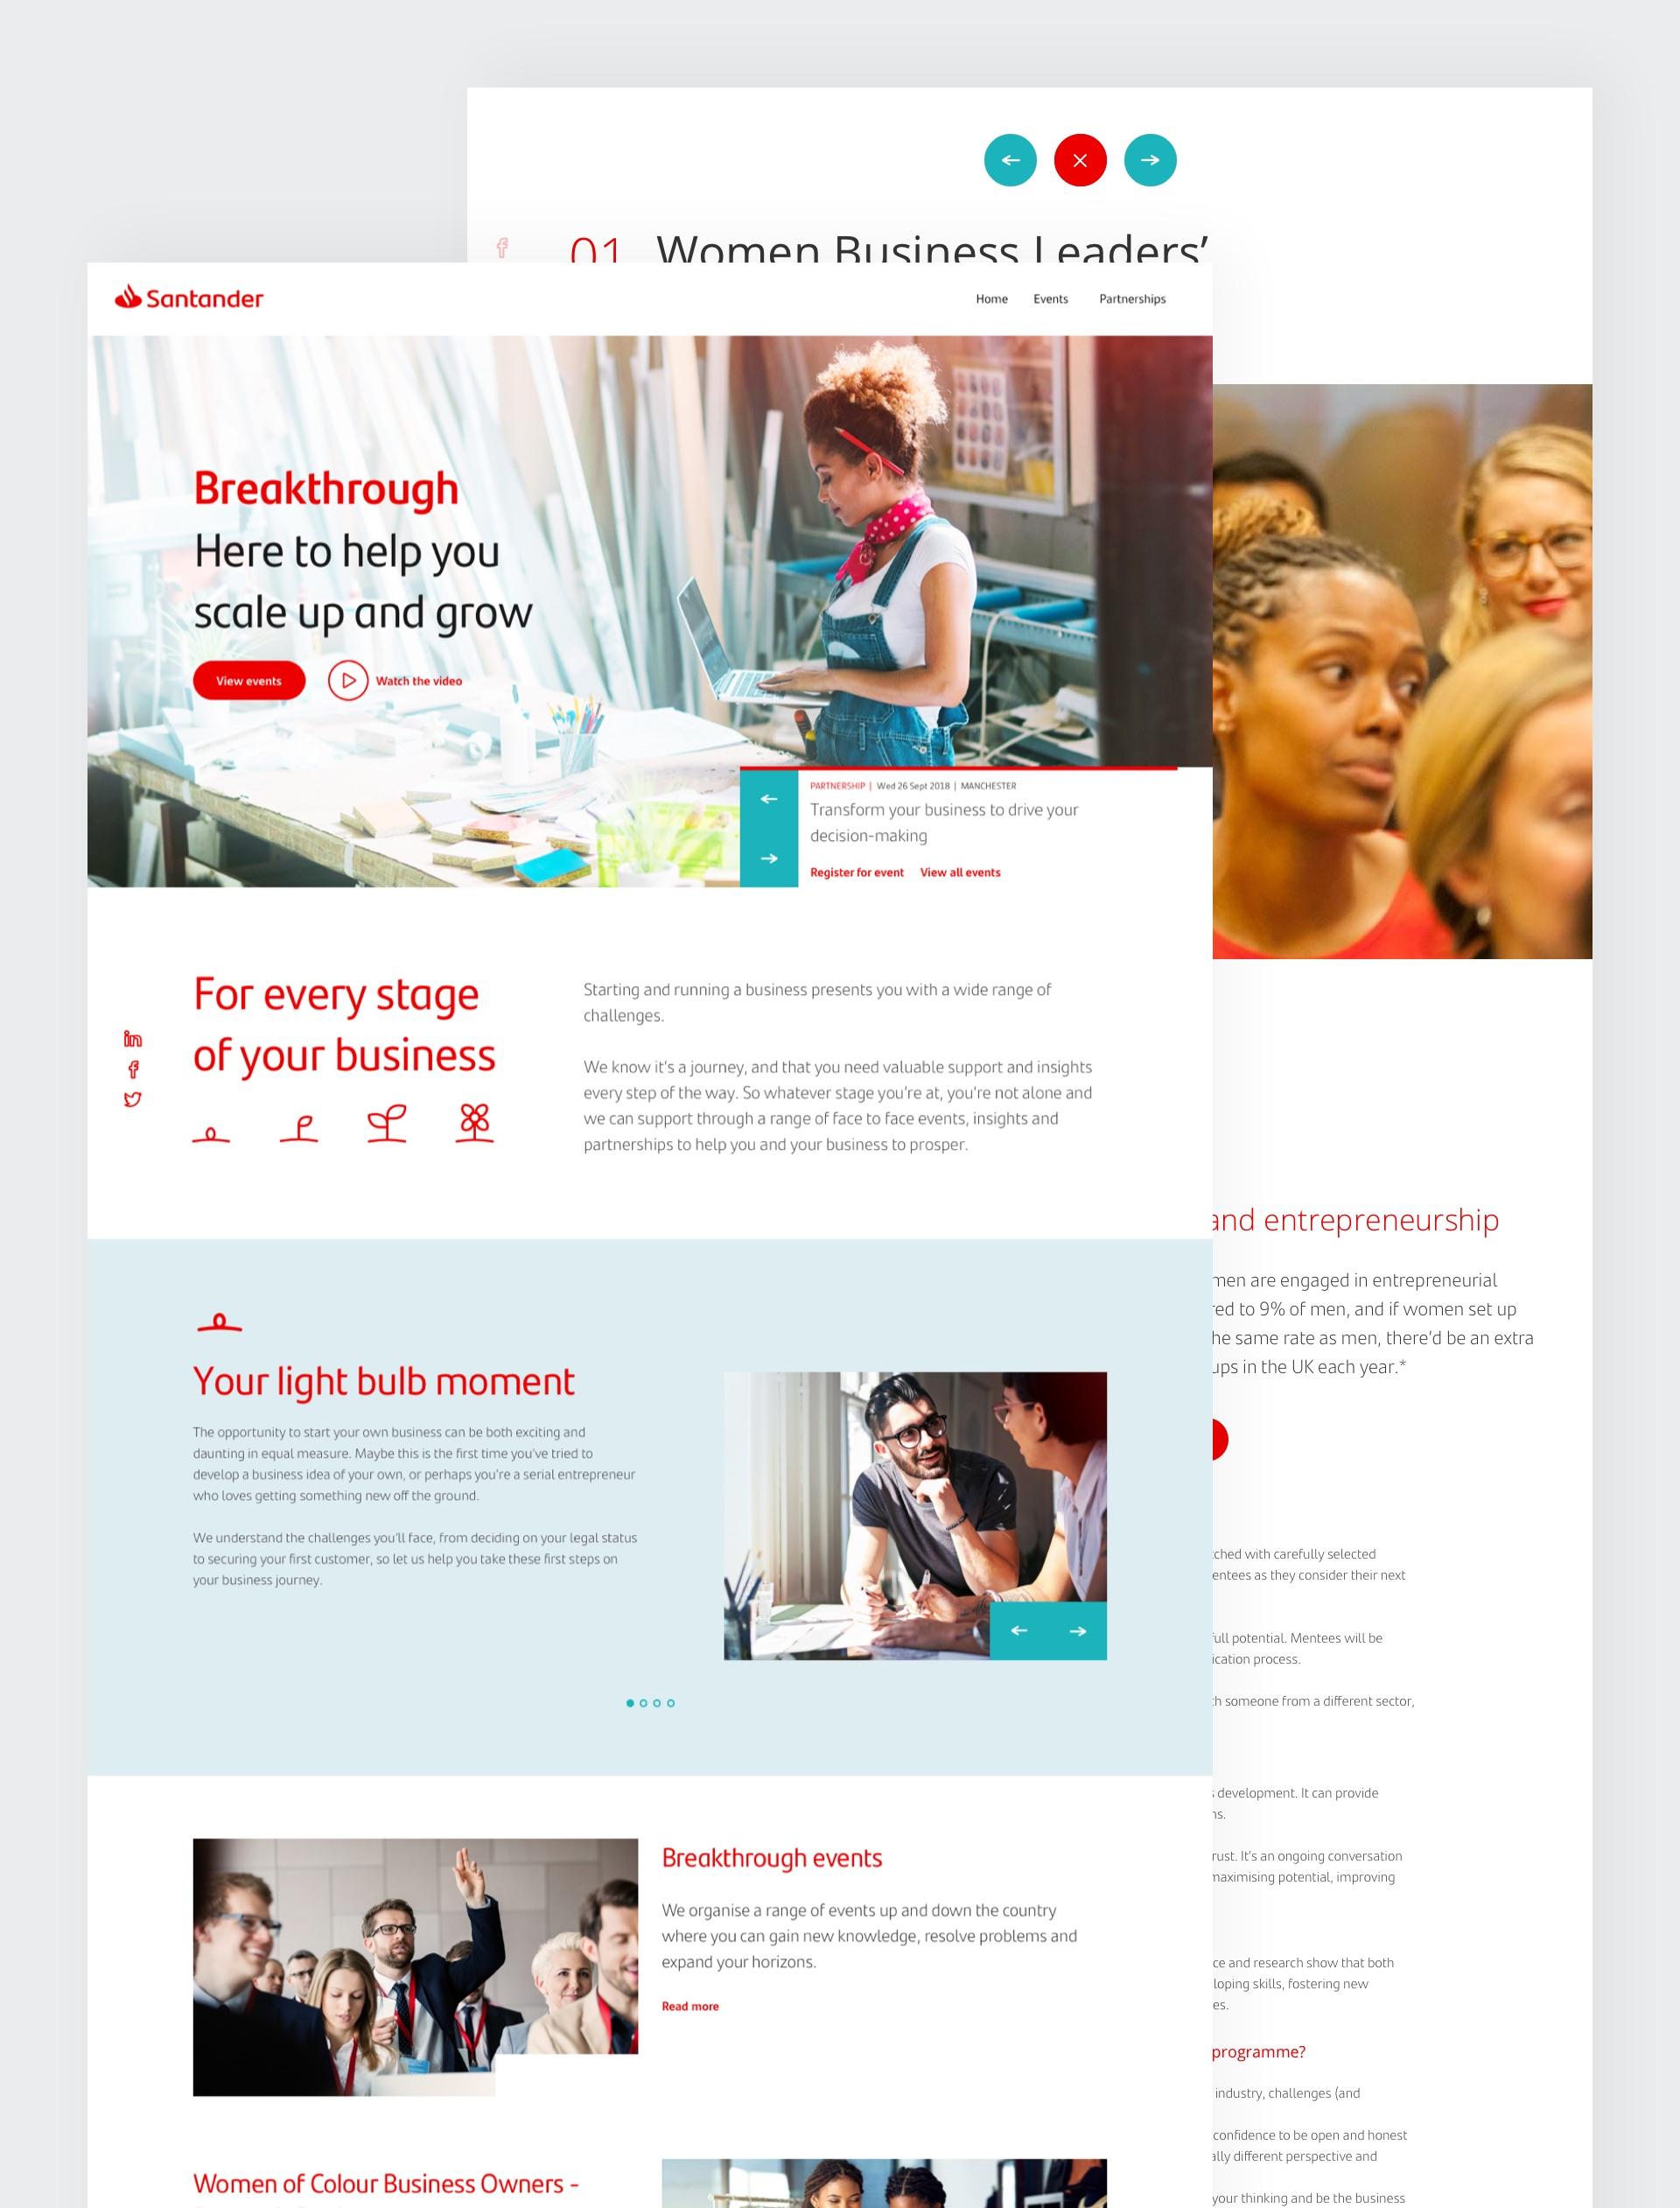 Santander Breakthrough website pages